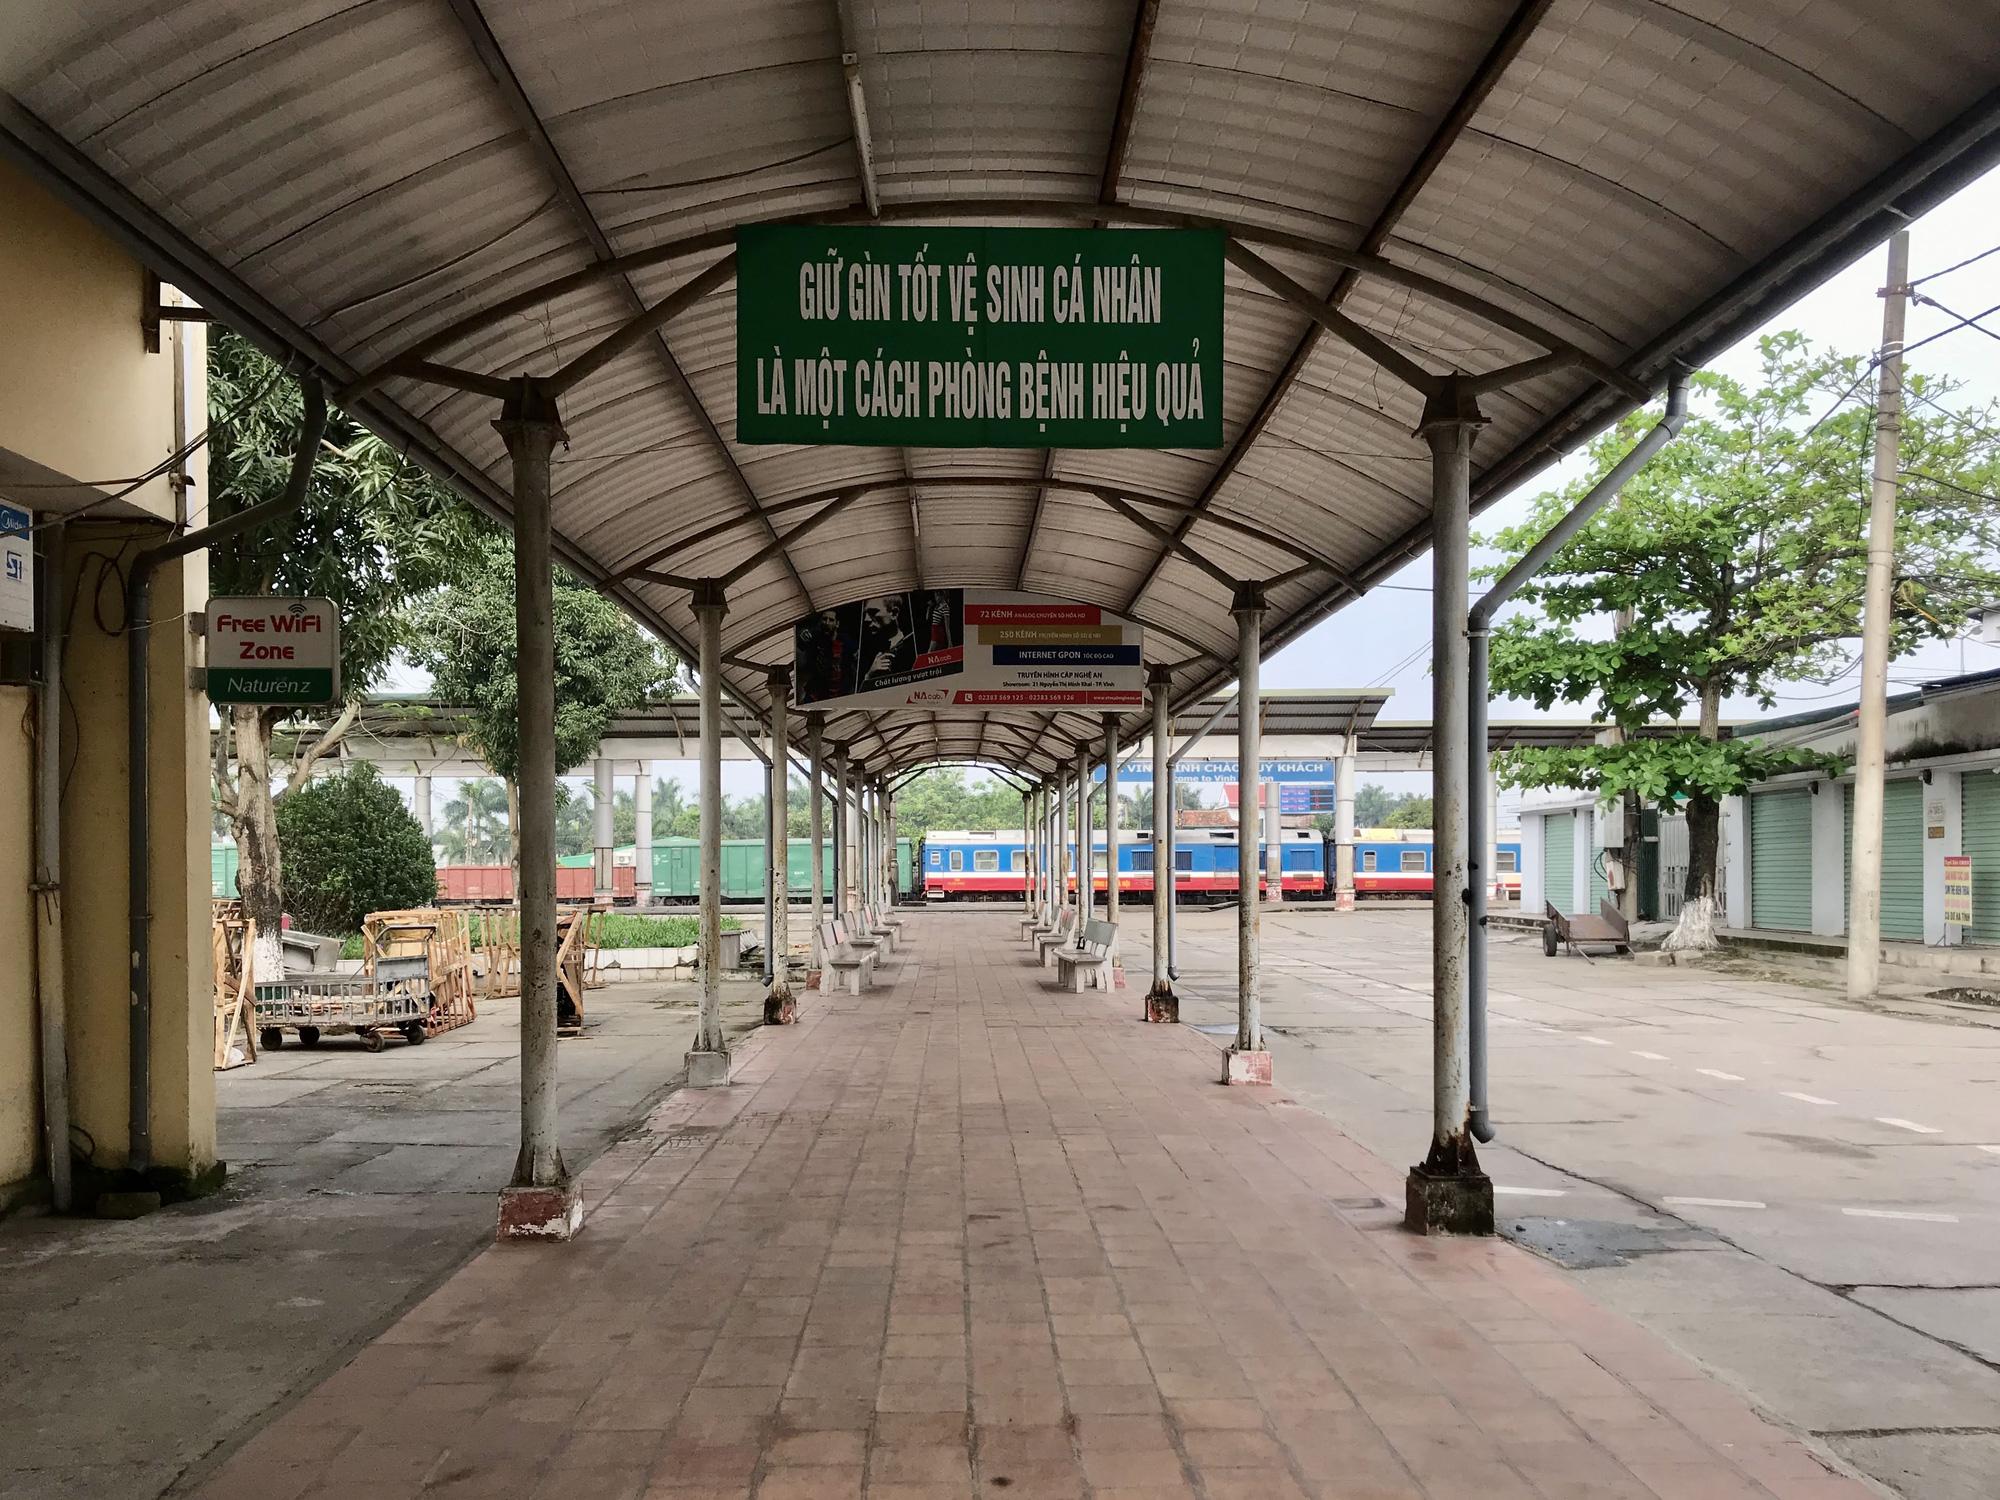 Nghệ An: Nhà xe bình thường chạy 8-10 chuyến một ngày, nay chỉ chạy 2 chuyến vẫn không kín khách - Ảnh 13.